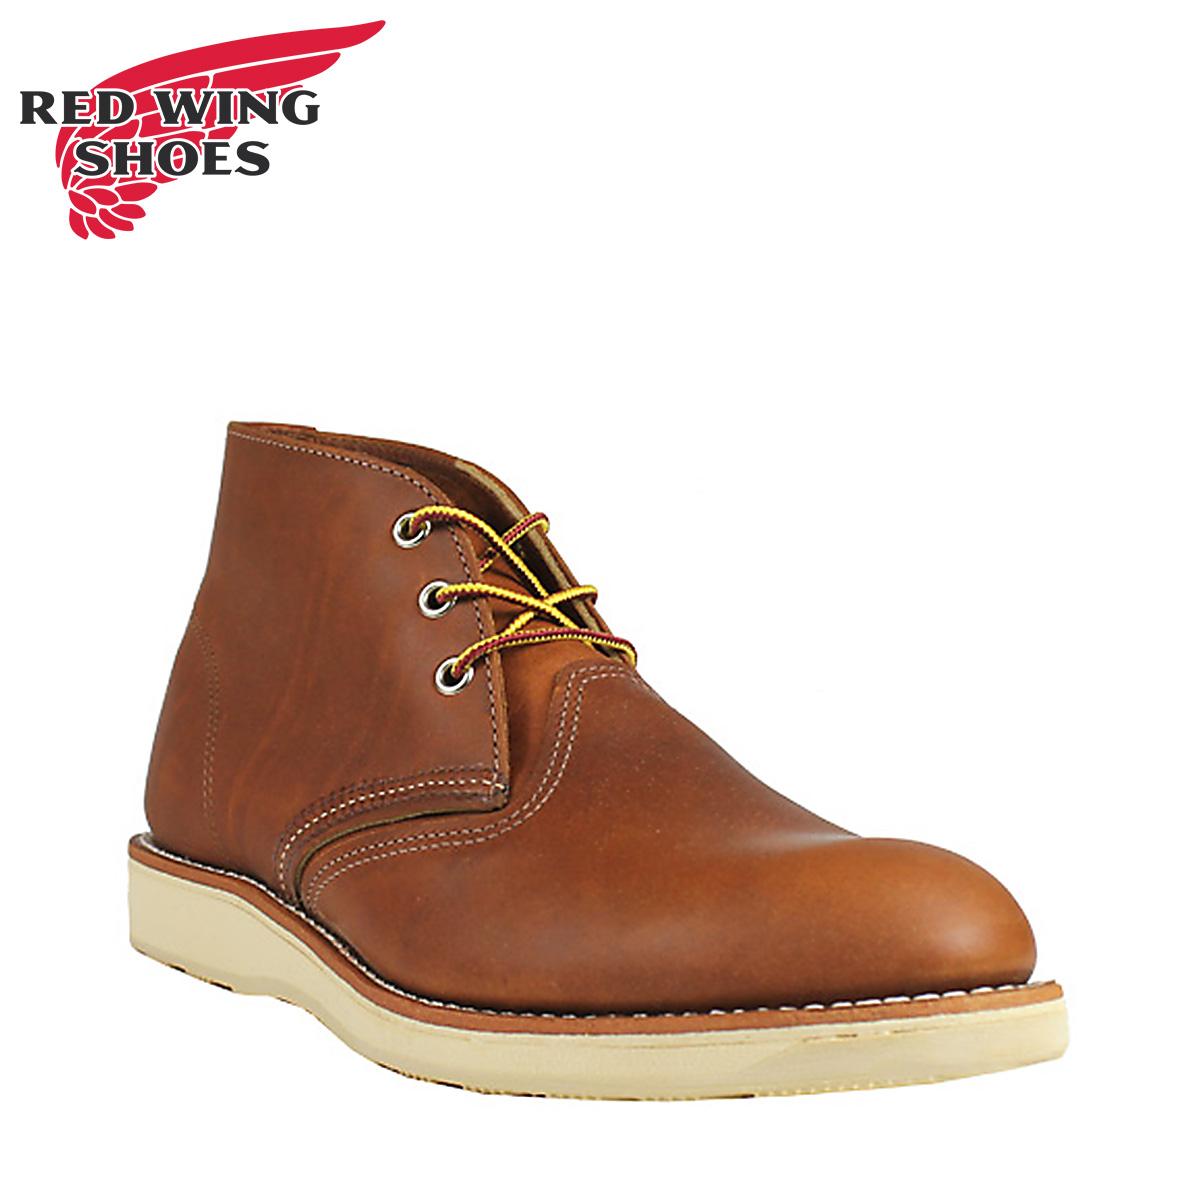 レッドウィング RED WING ブーツ チャッカブーツ CLASSIC CHUKKA クラシック チャッカ Dワイズ 3140 ワークブーツ メンズ